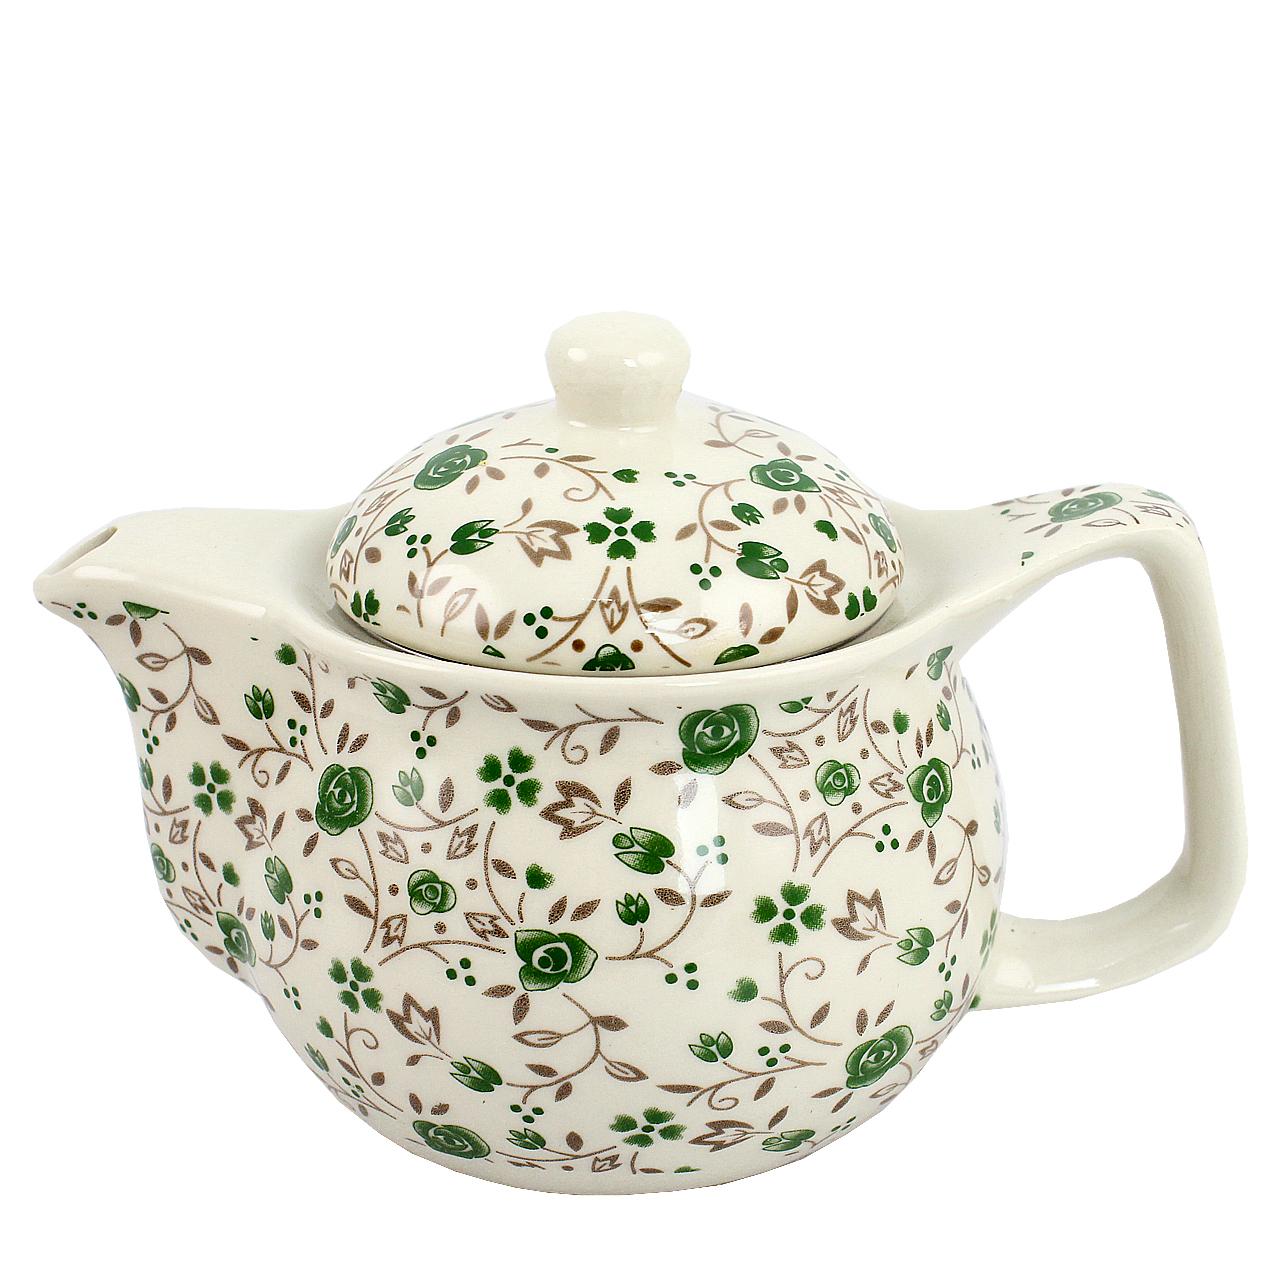 Ceainic Din Ceramica Cu Flori Verzi 12 Cm